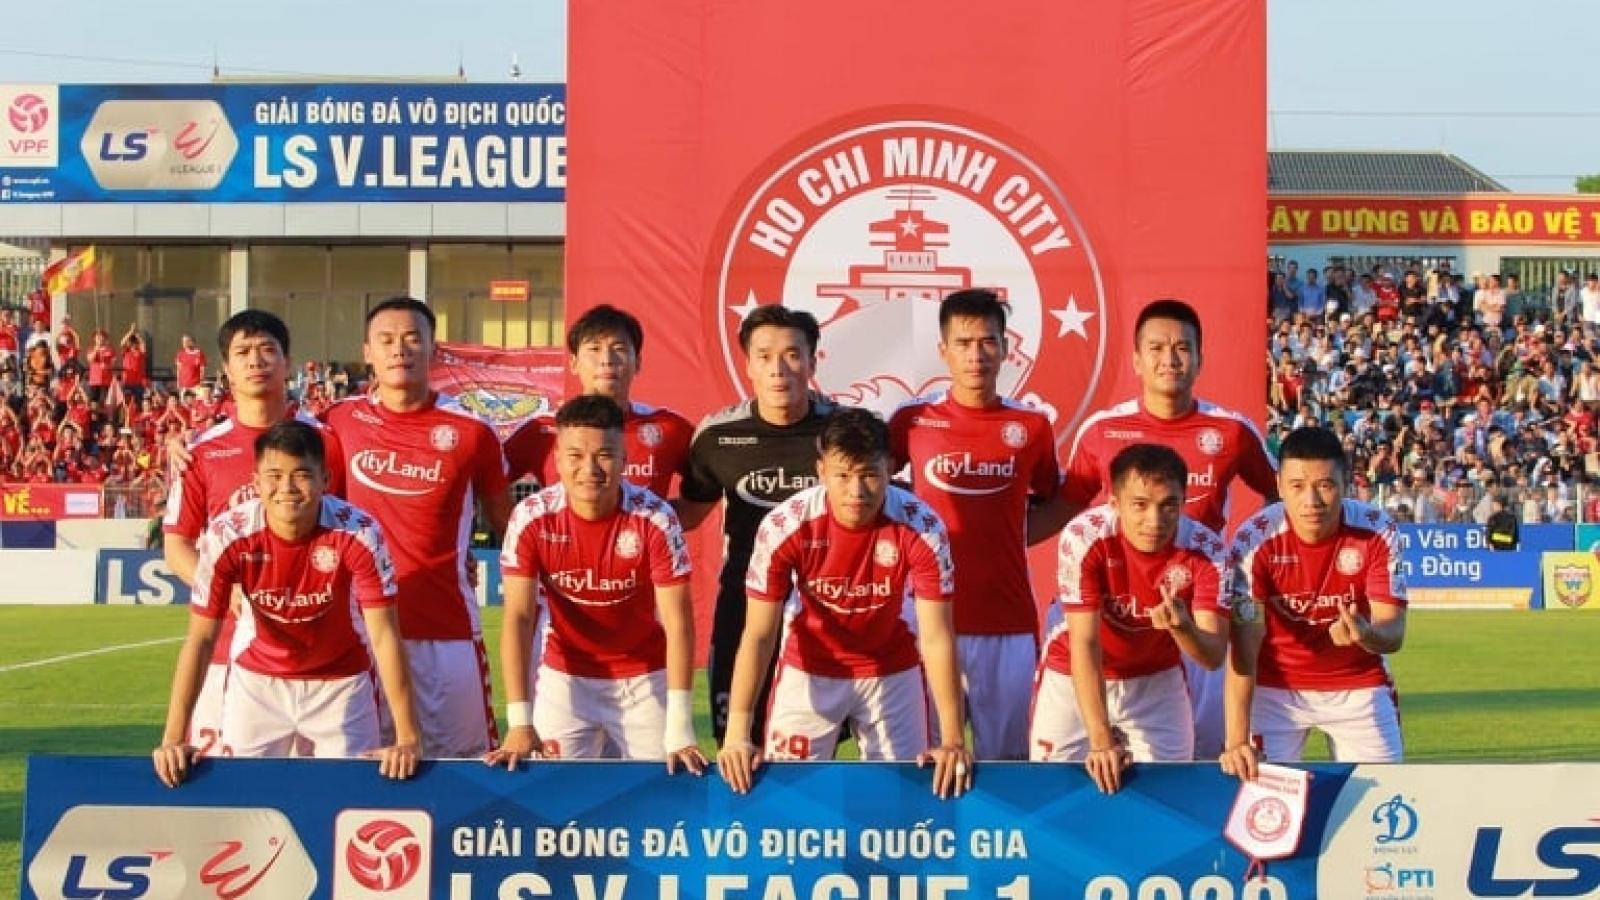 Đội bóng của Công Phượng thiệt quân ở trận gặp Hà Nội FC